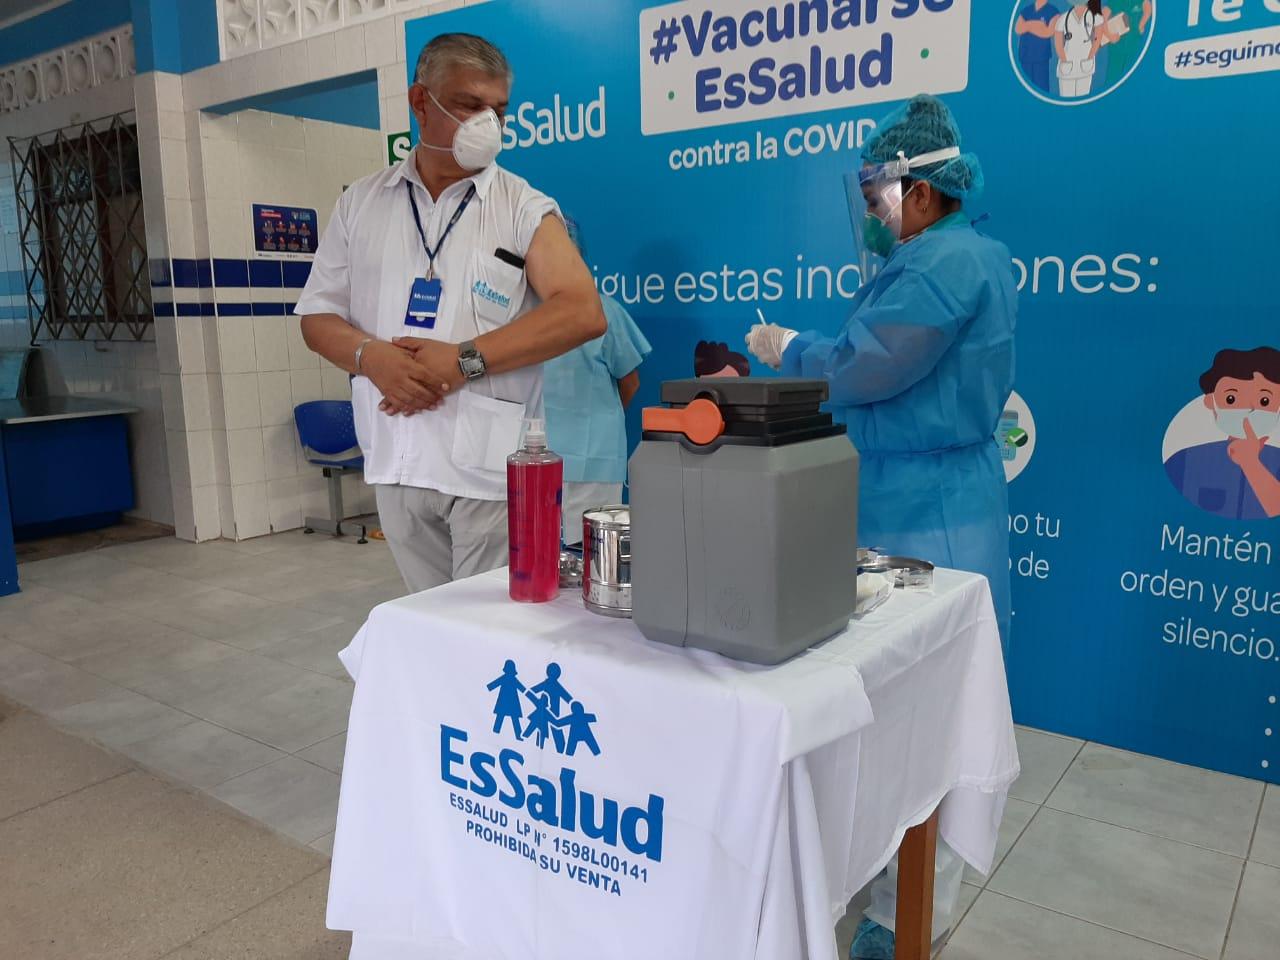 Essalud - EsSalud Loreto: médico que lideró en Iquitos la batalla contra Covid-19 recibió primera dosis de vacuna